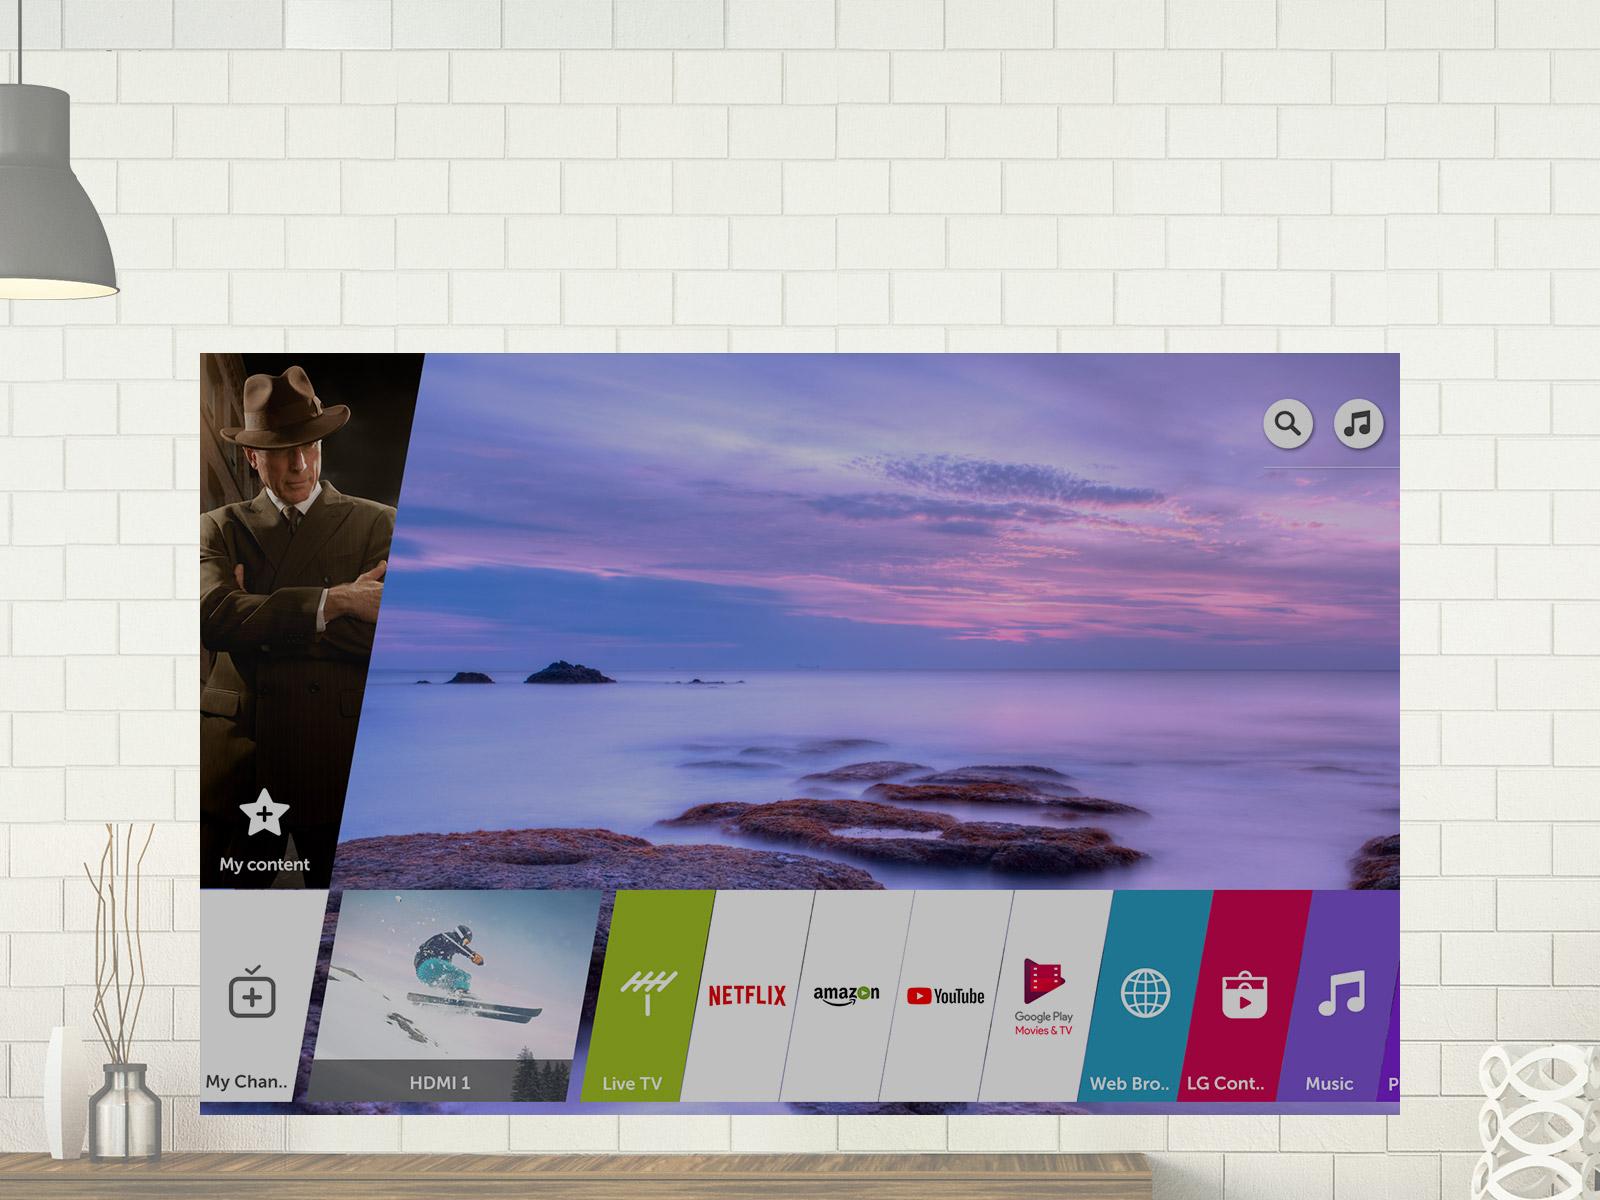 Esta es la plataforma inteligente webOS del LG 55UK6400PLF